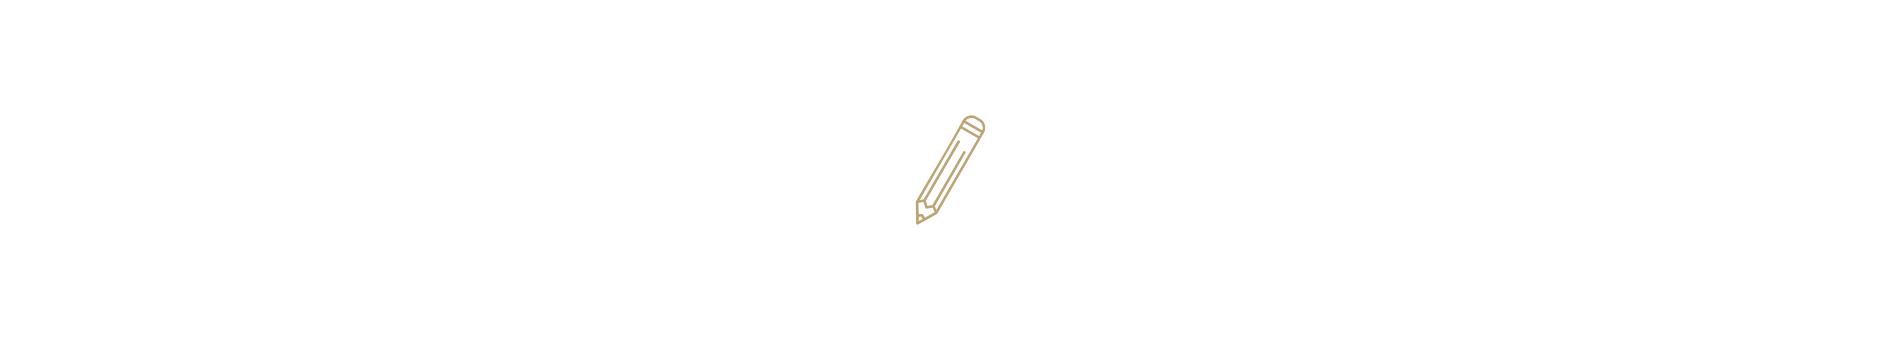 Crayons - Feutres - Surligneurs